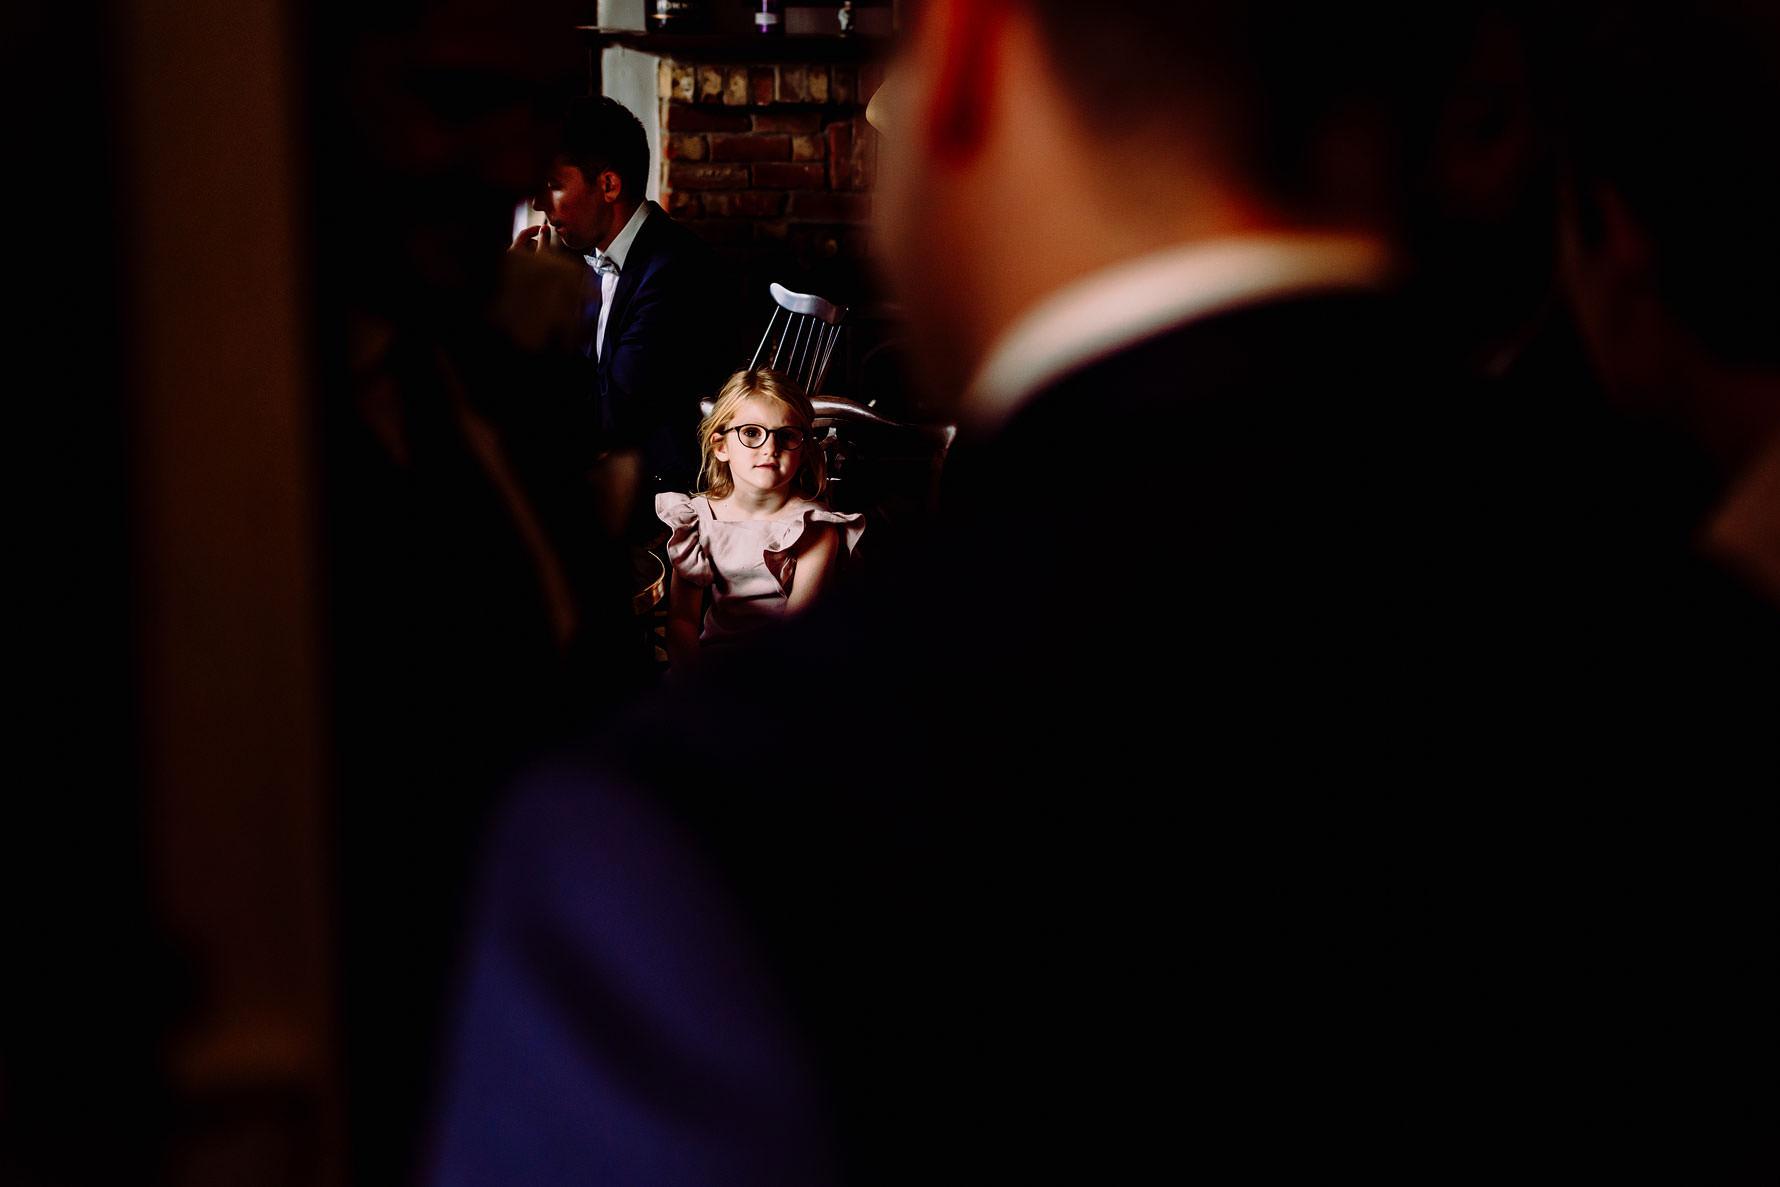 a little girl at a wedding